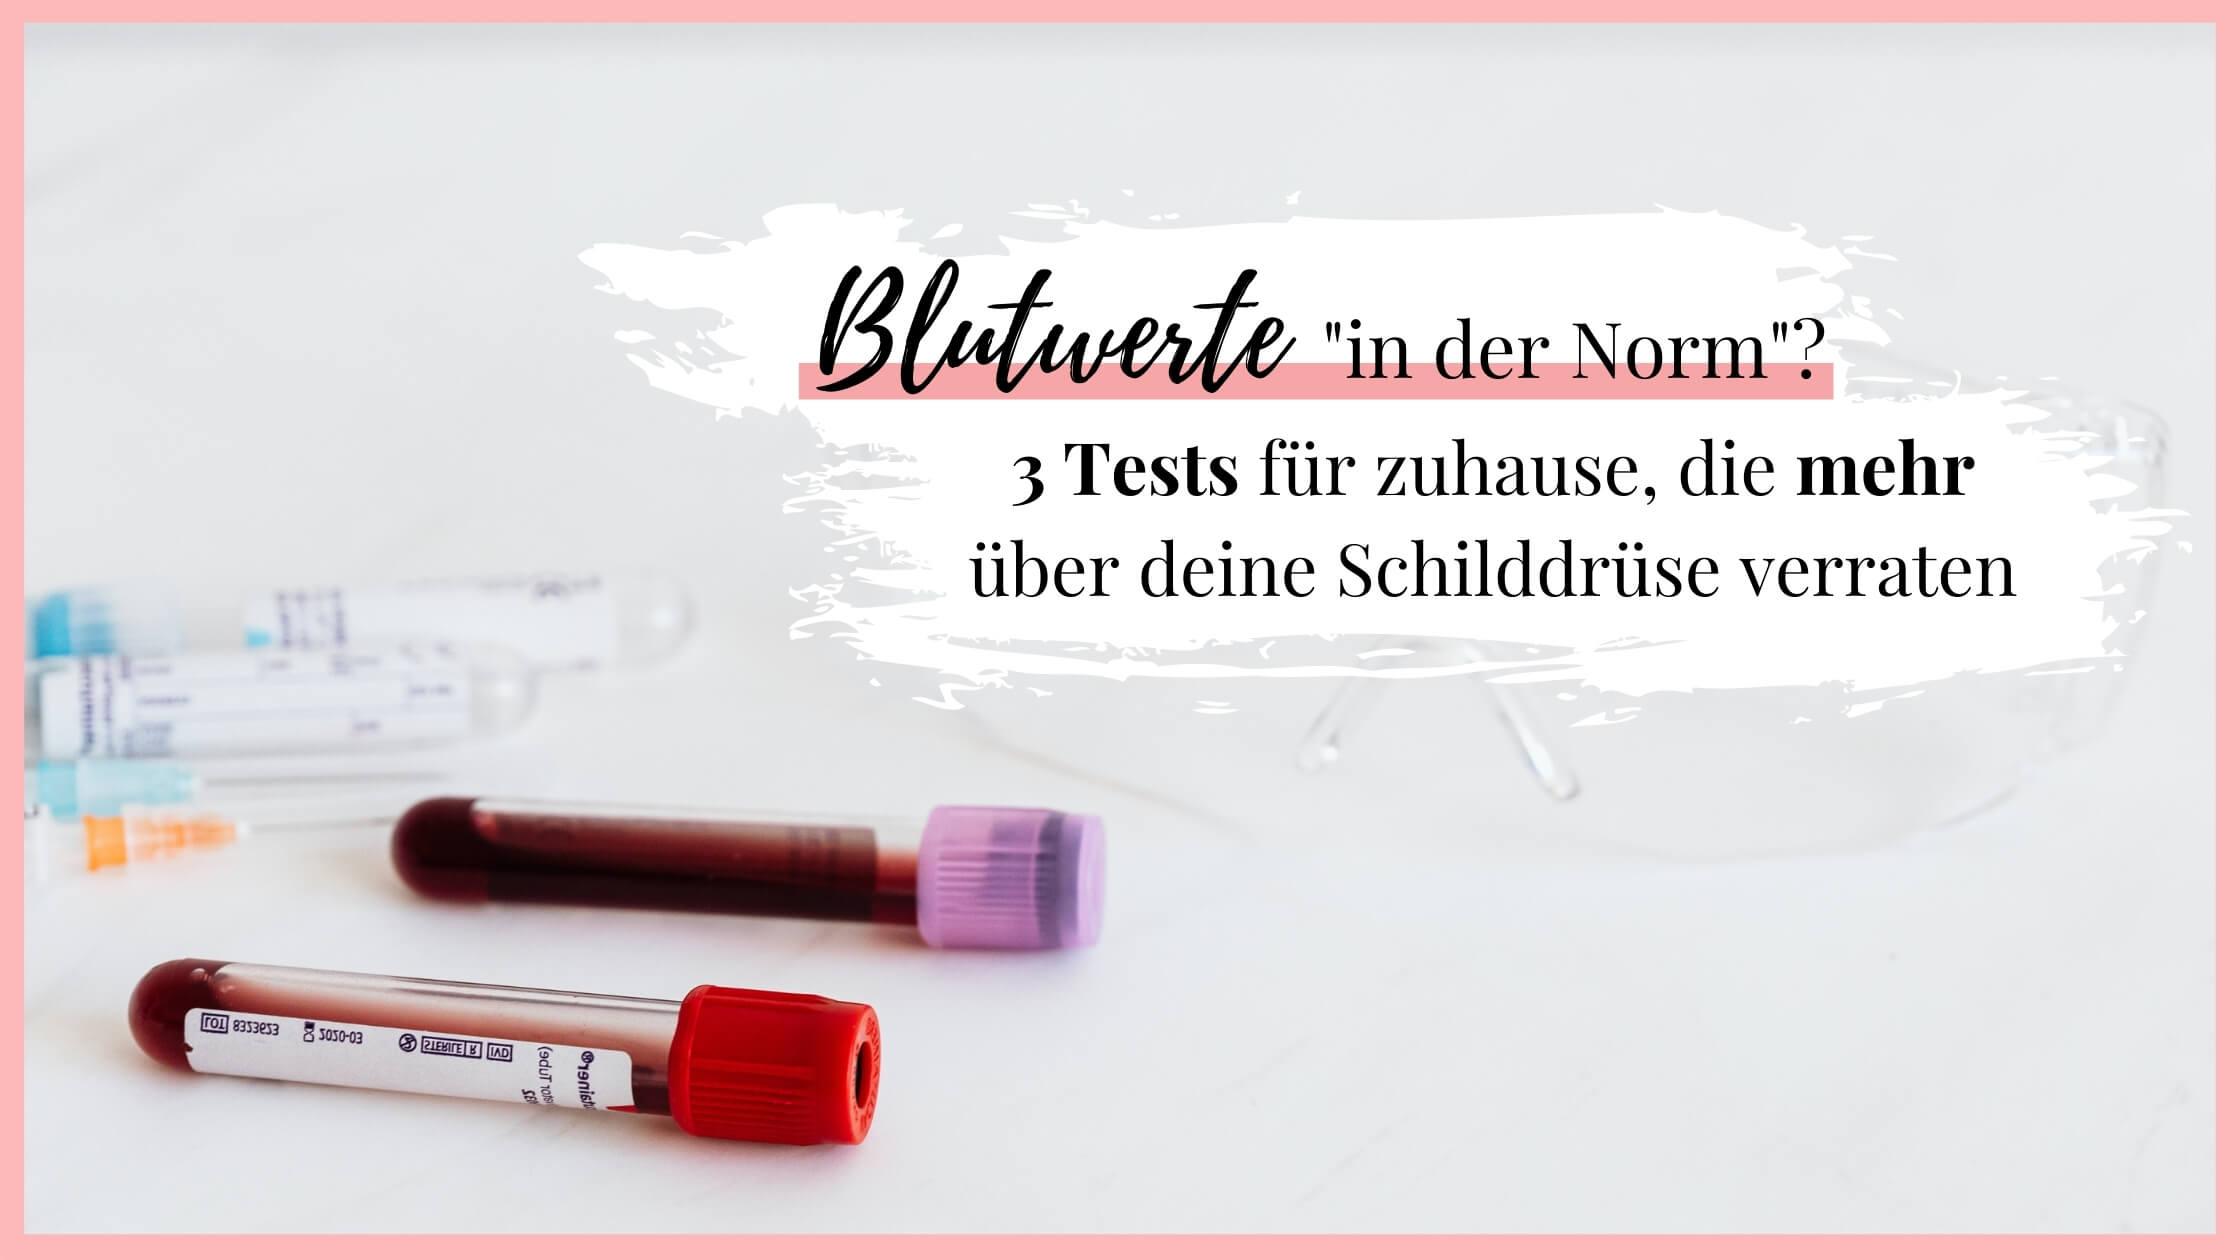 Schilddrüsenunterfunktion_Symptome_Test